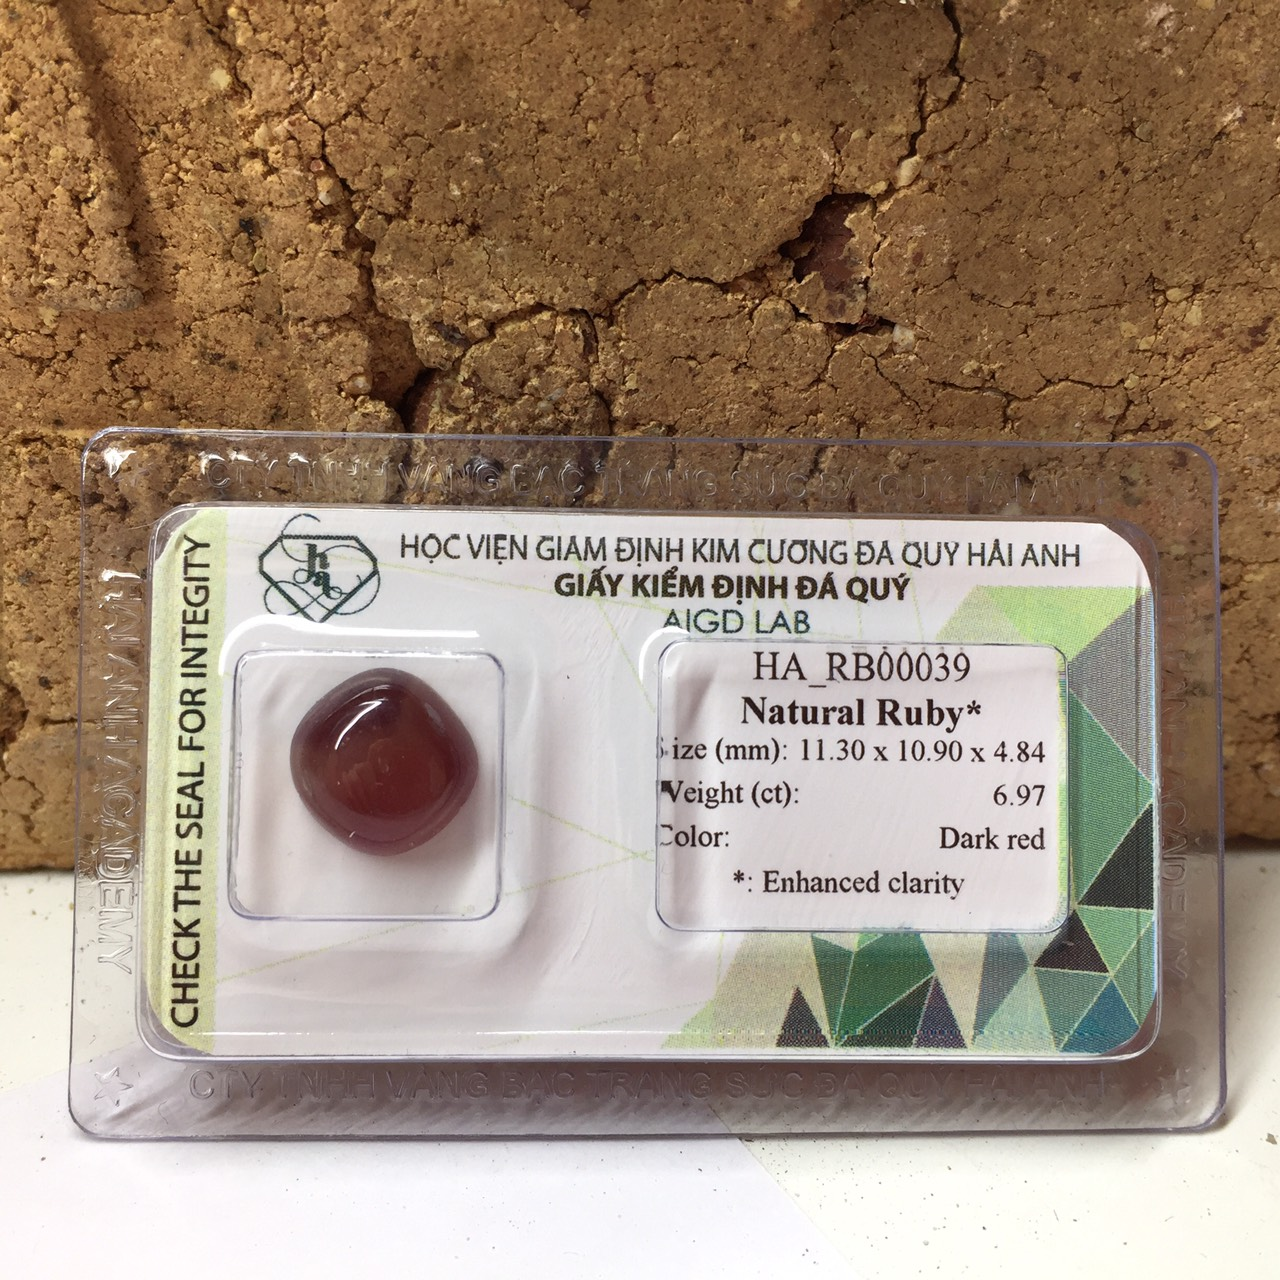 Viên đá Ruby thiên nhiên_HA-RB00039